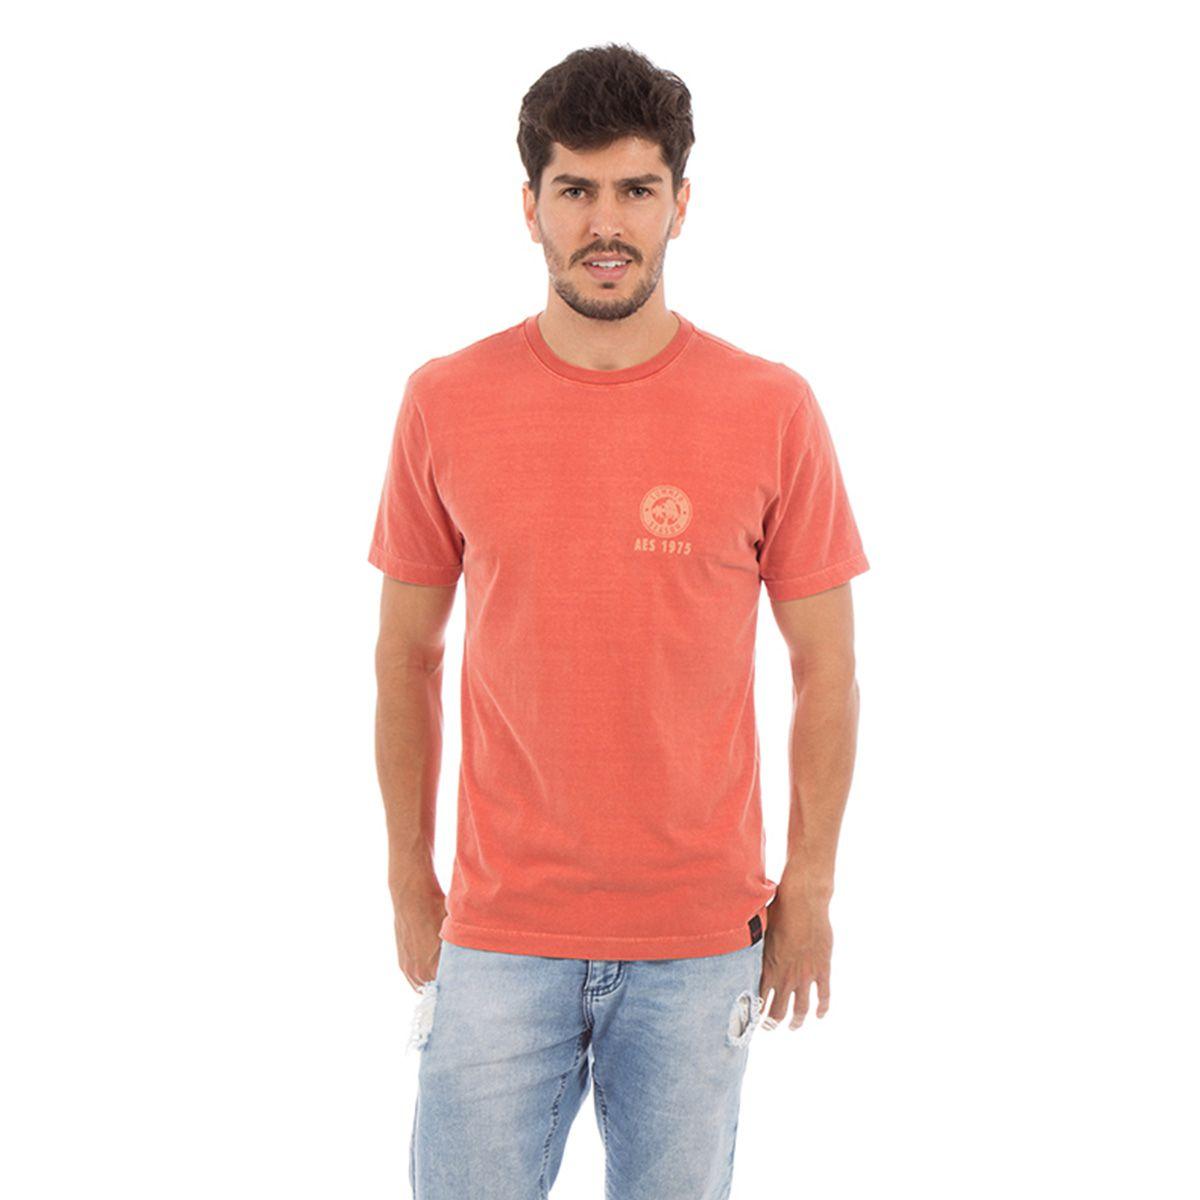 Camiseta AES 1975 Sink or Swim